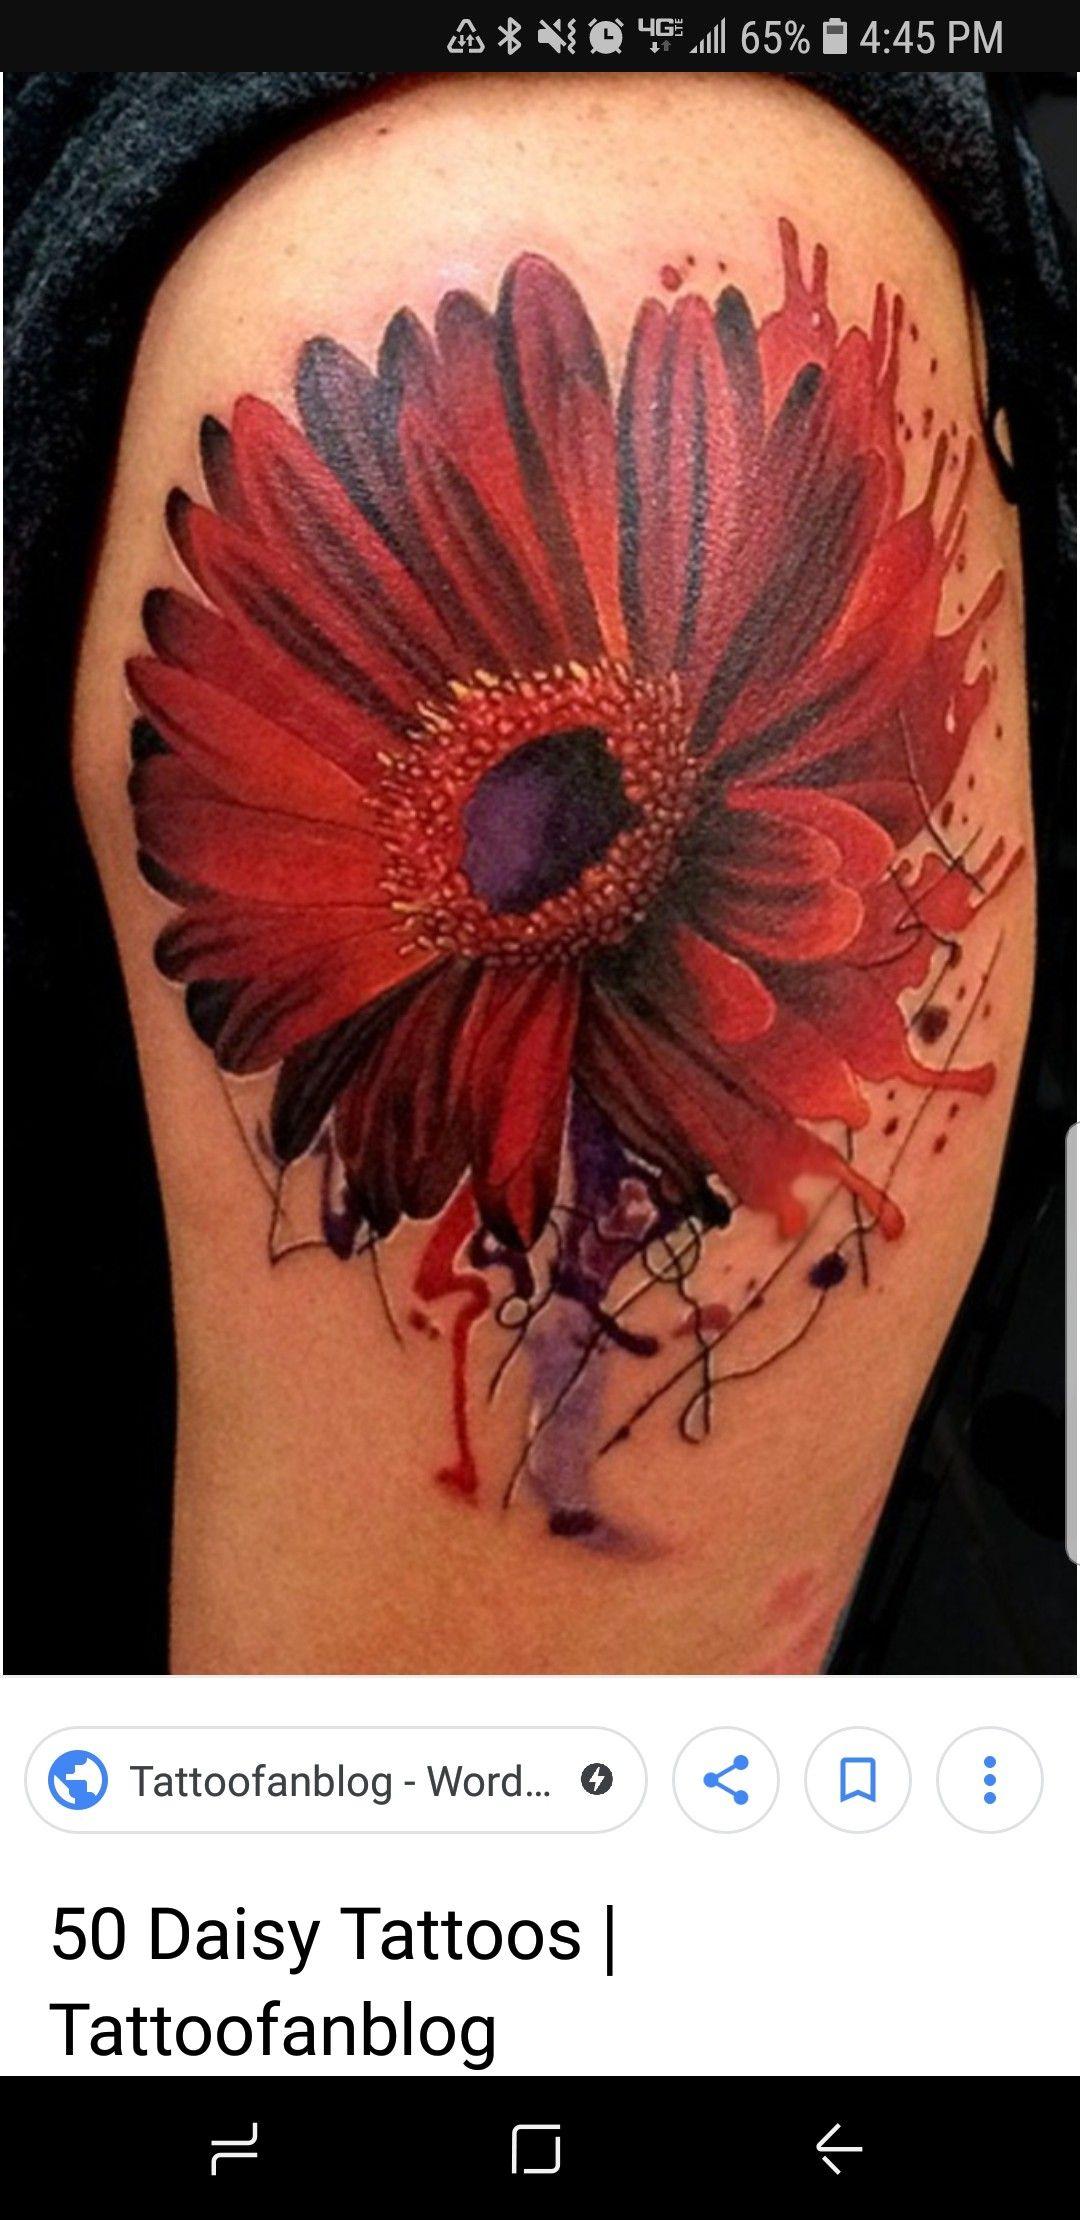 Pin by Amber Kollaja on Tattoos Daisy tattoo, Daisy